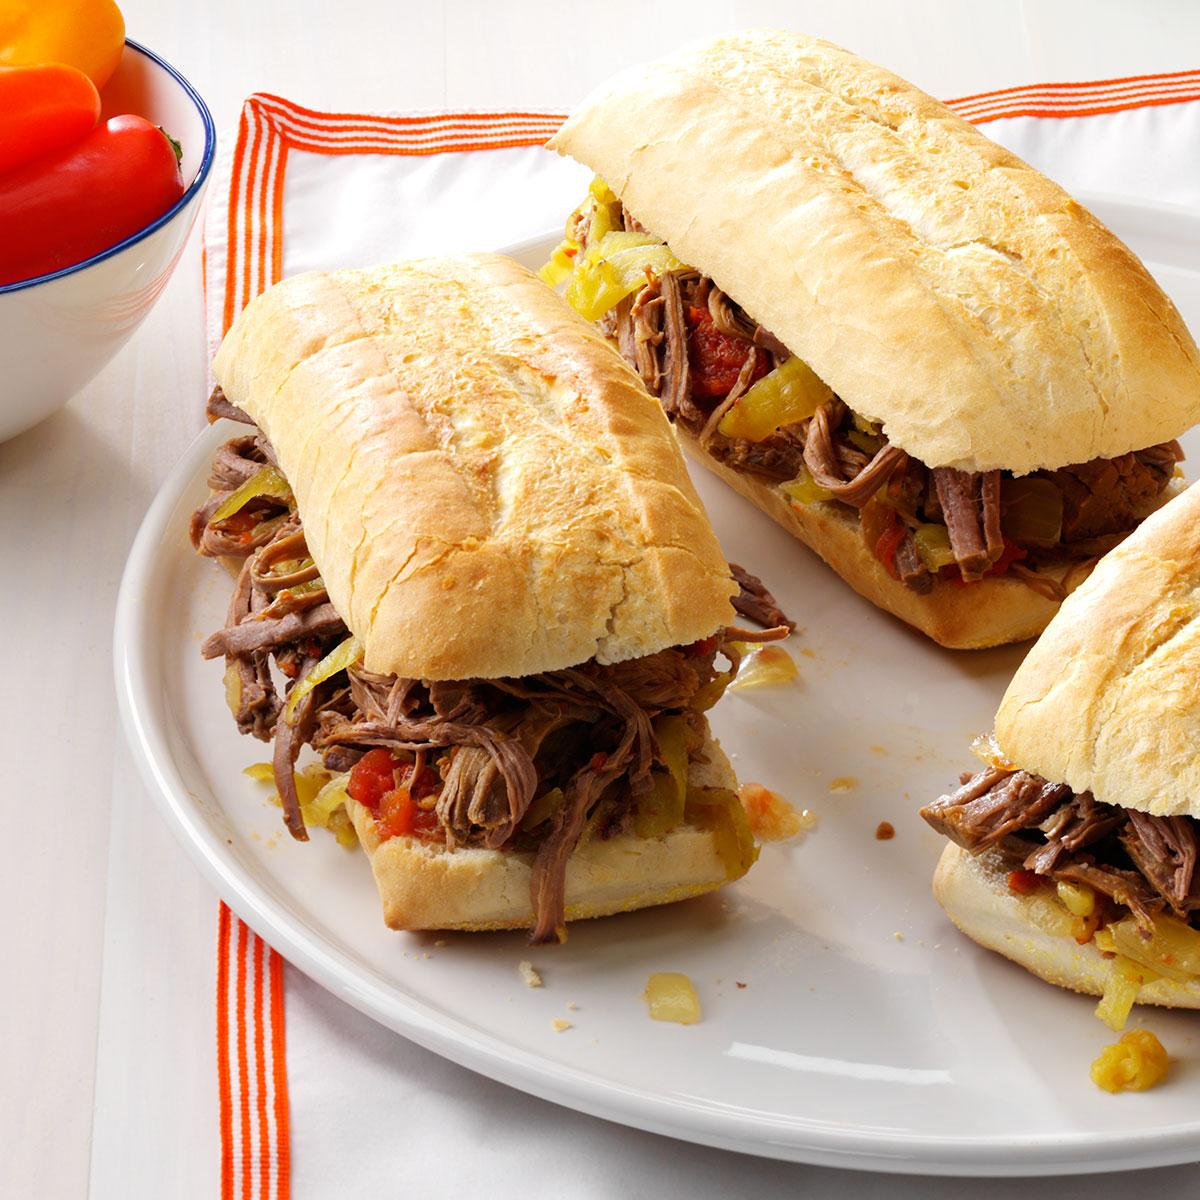 sandwich with Pu erh tea